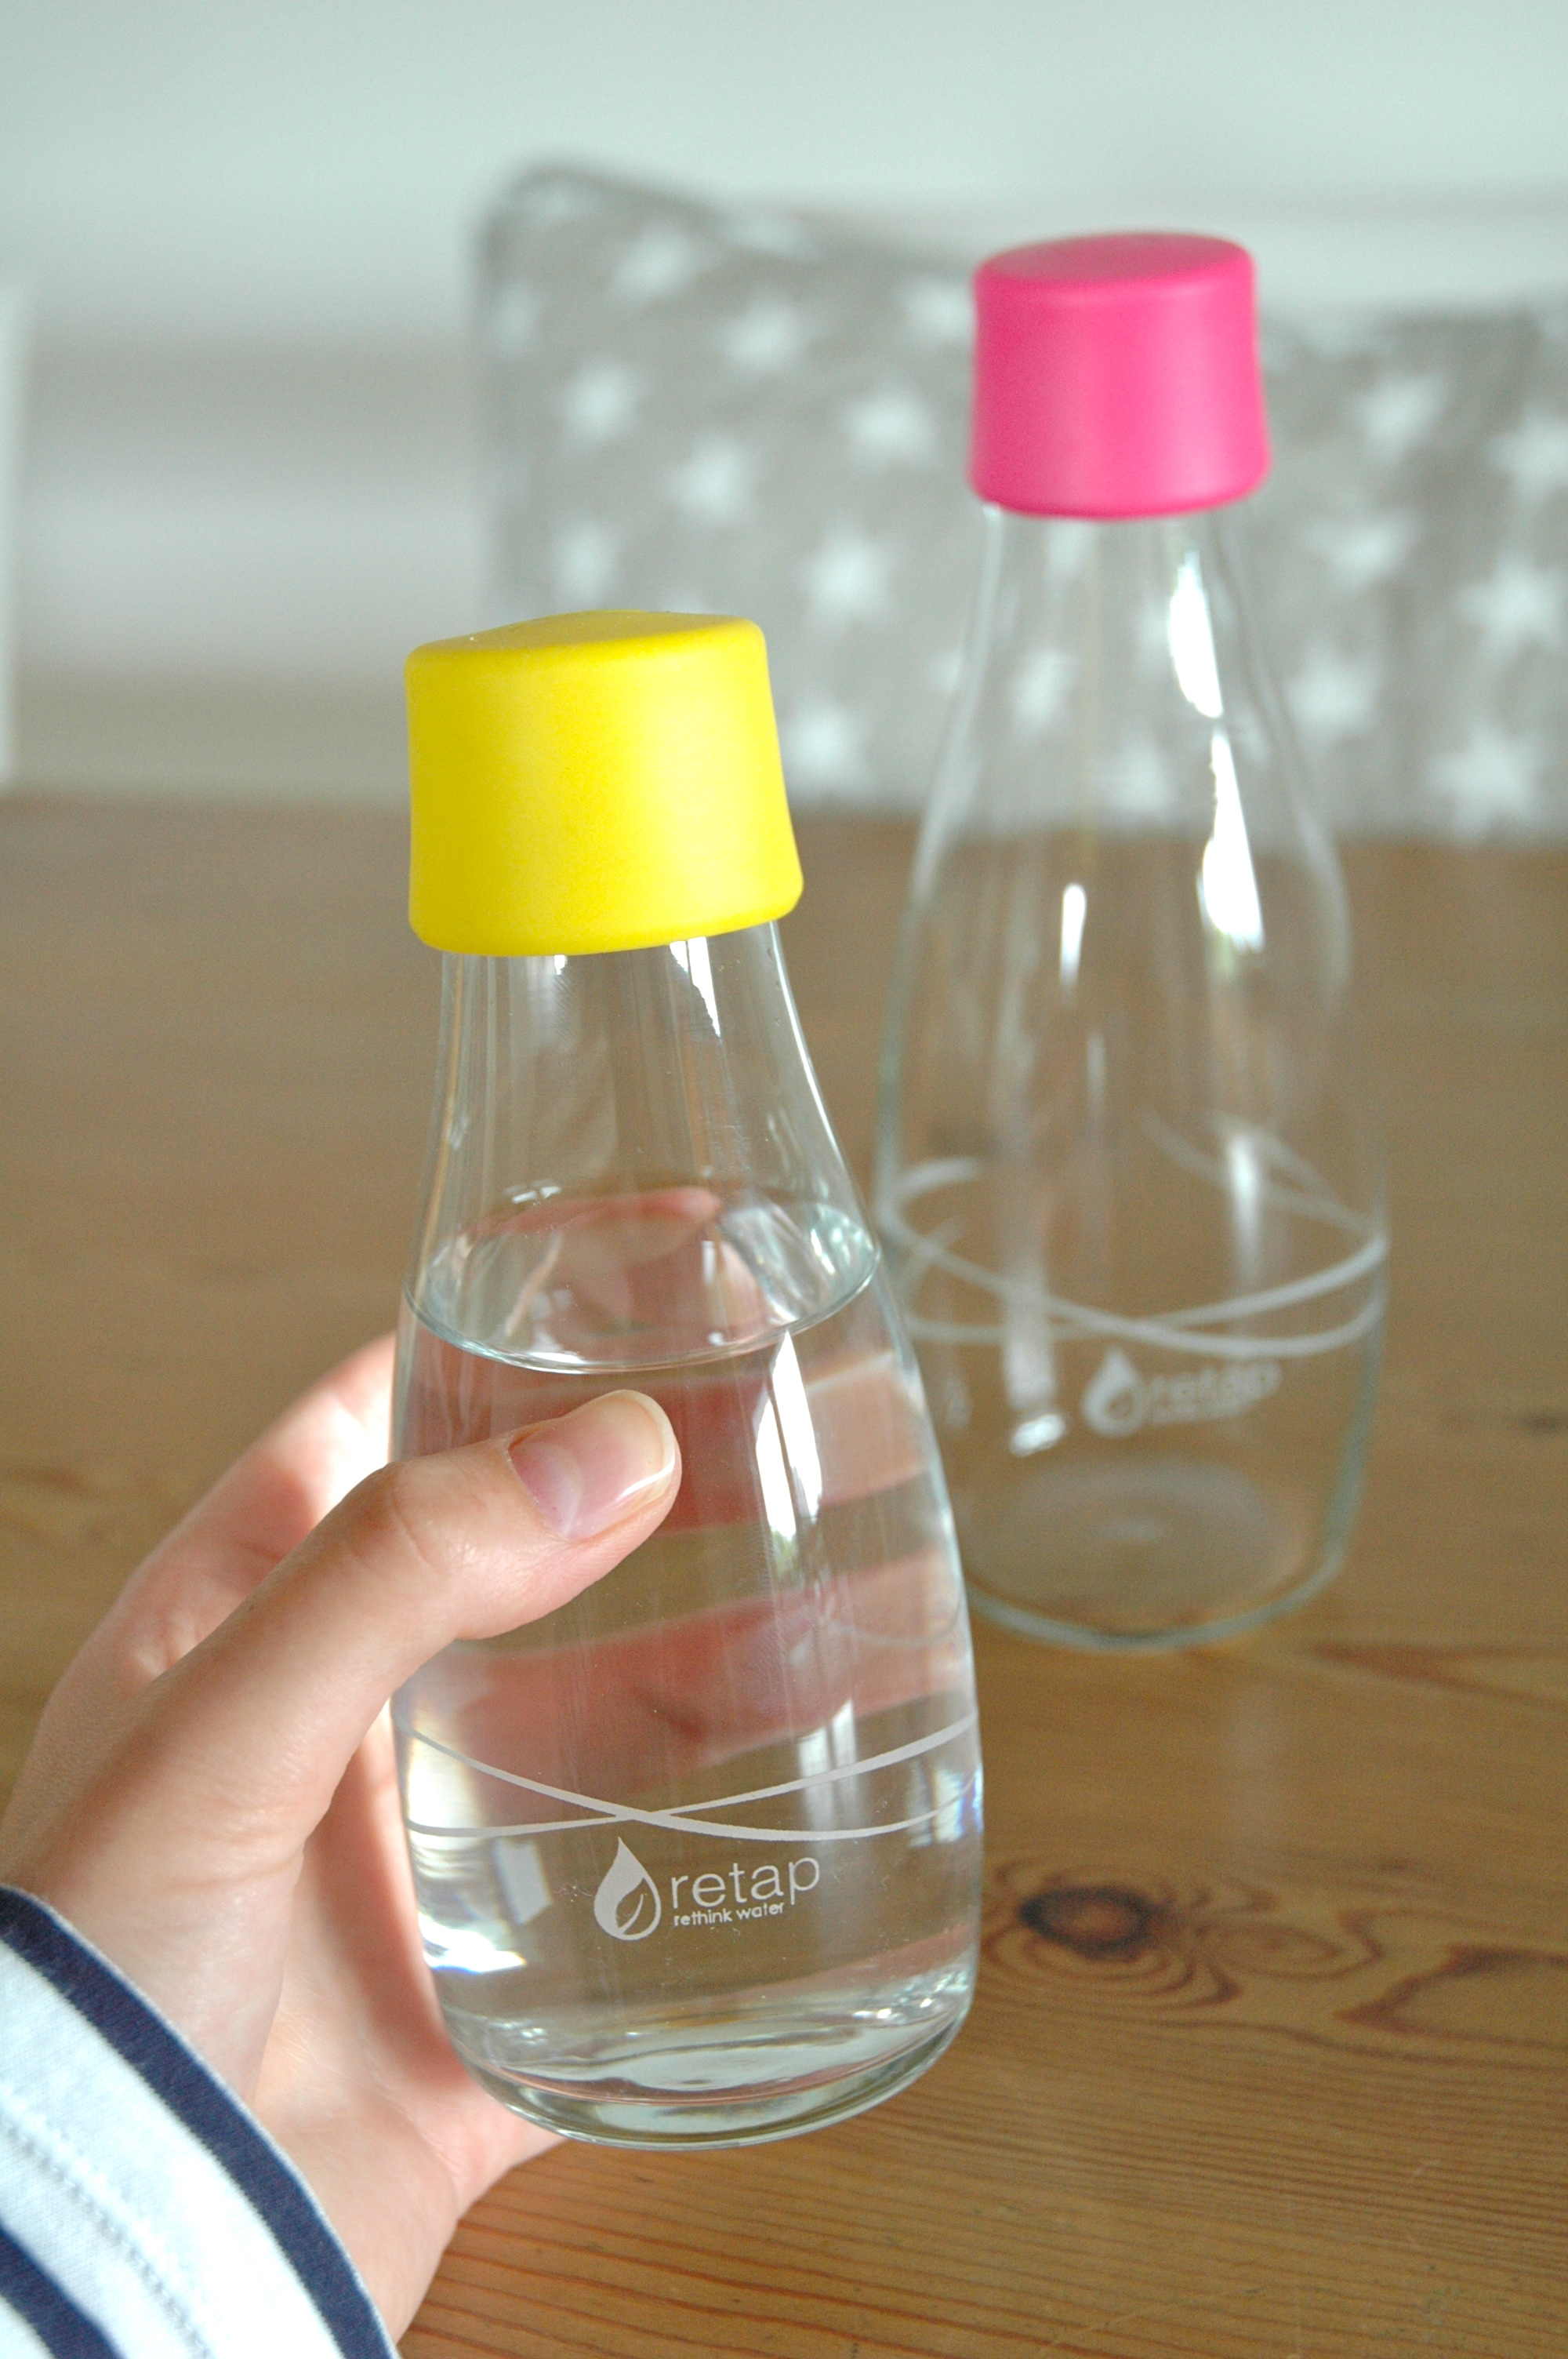 Retap water bottles